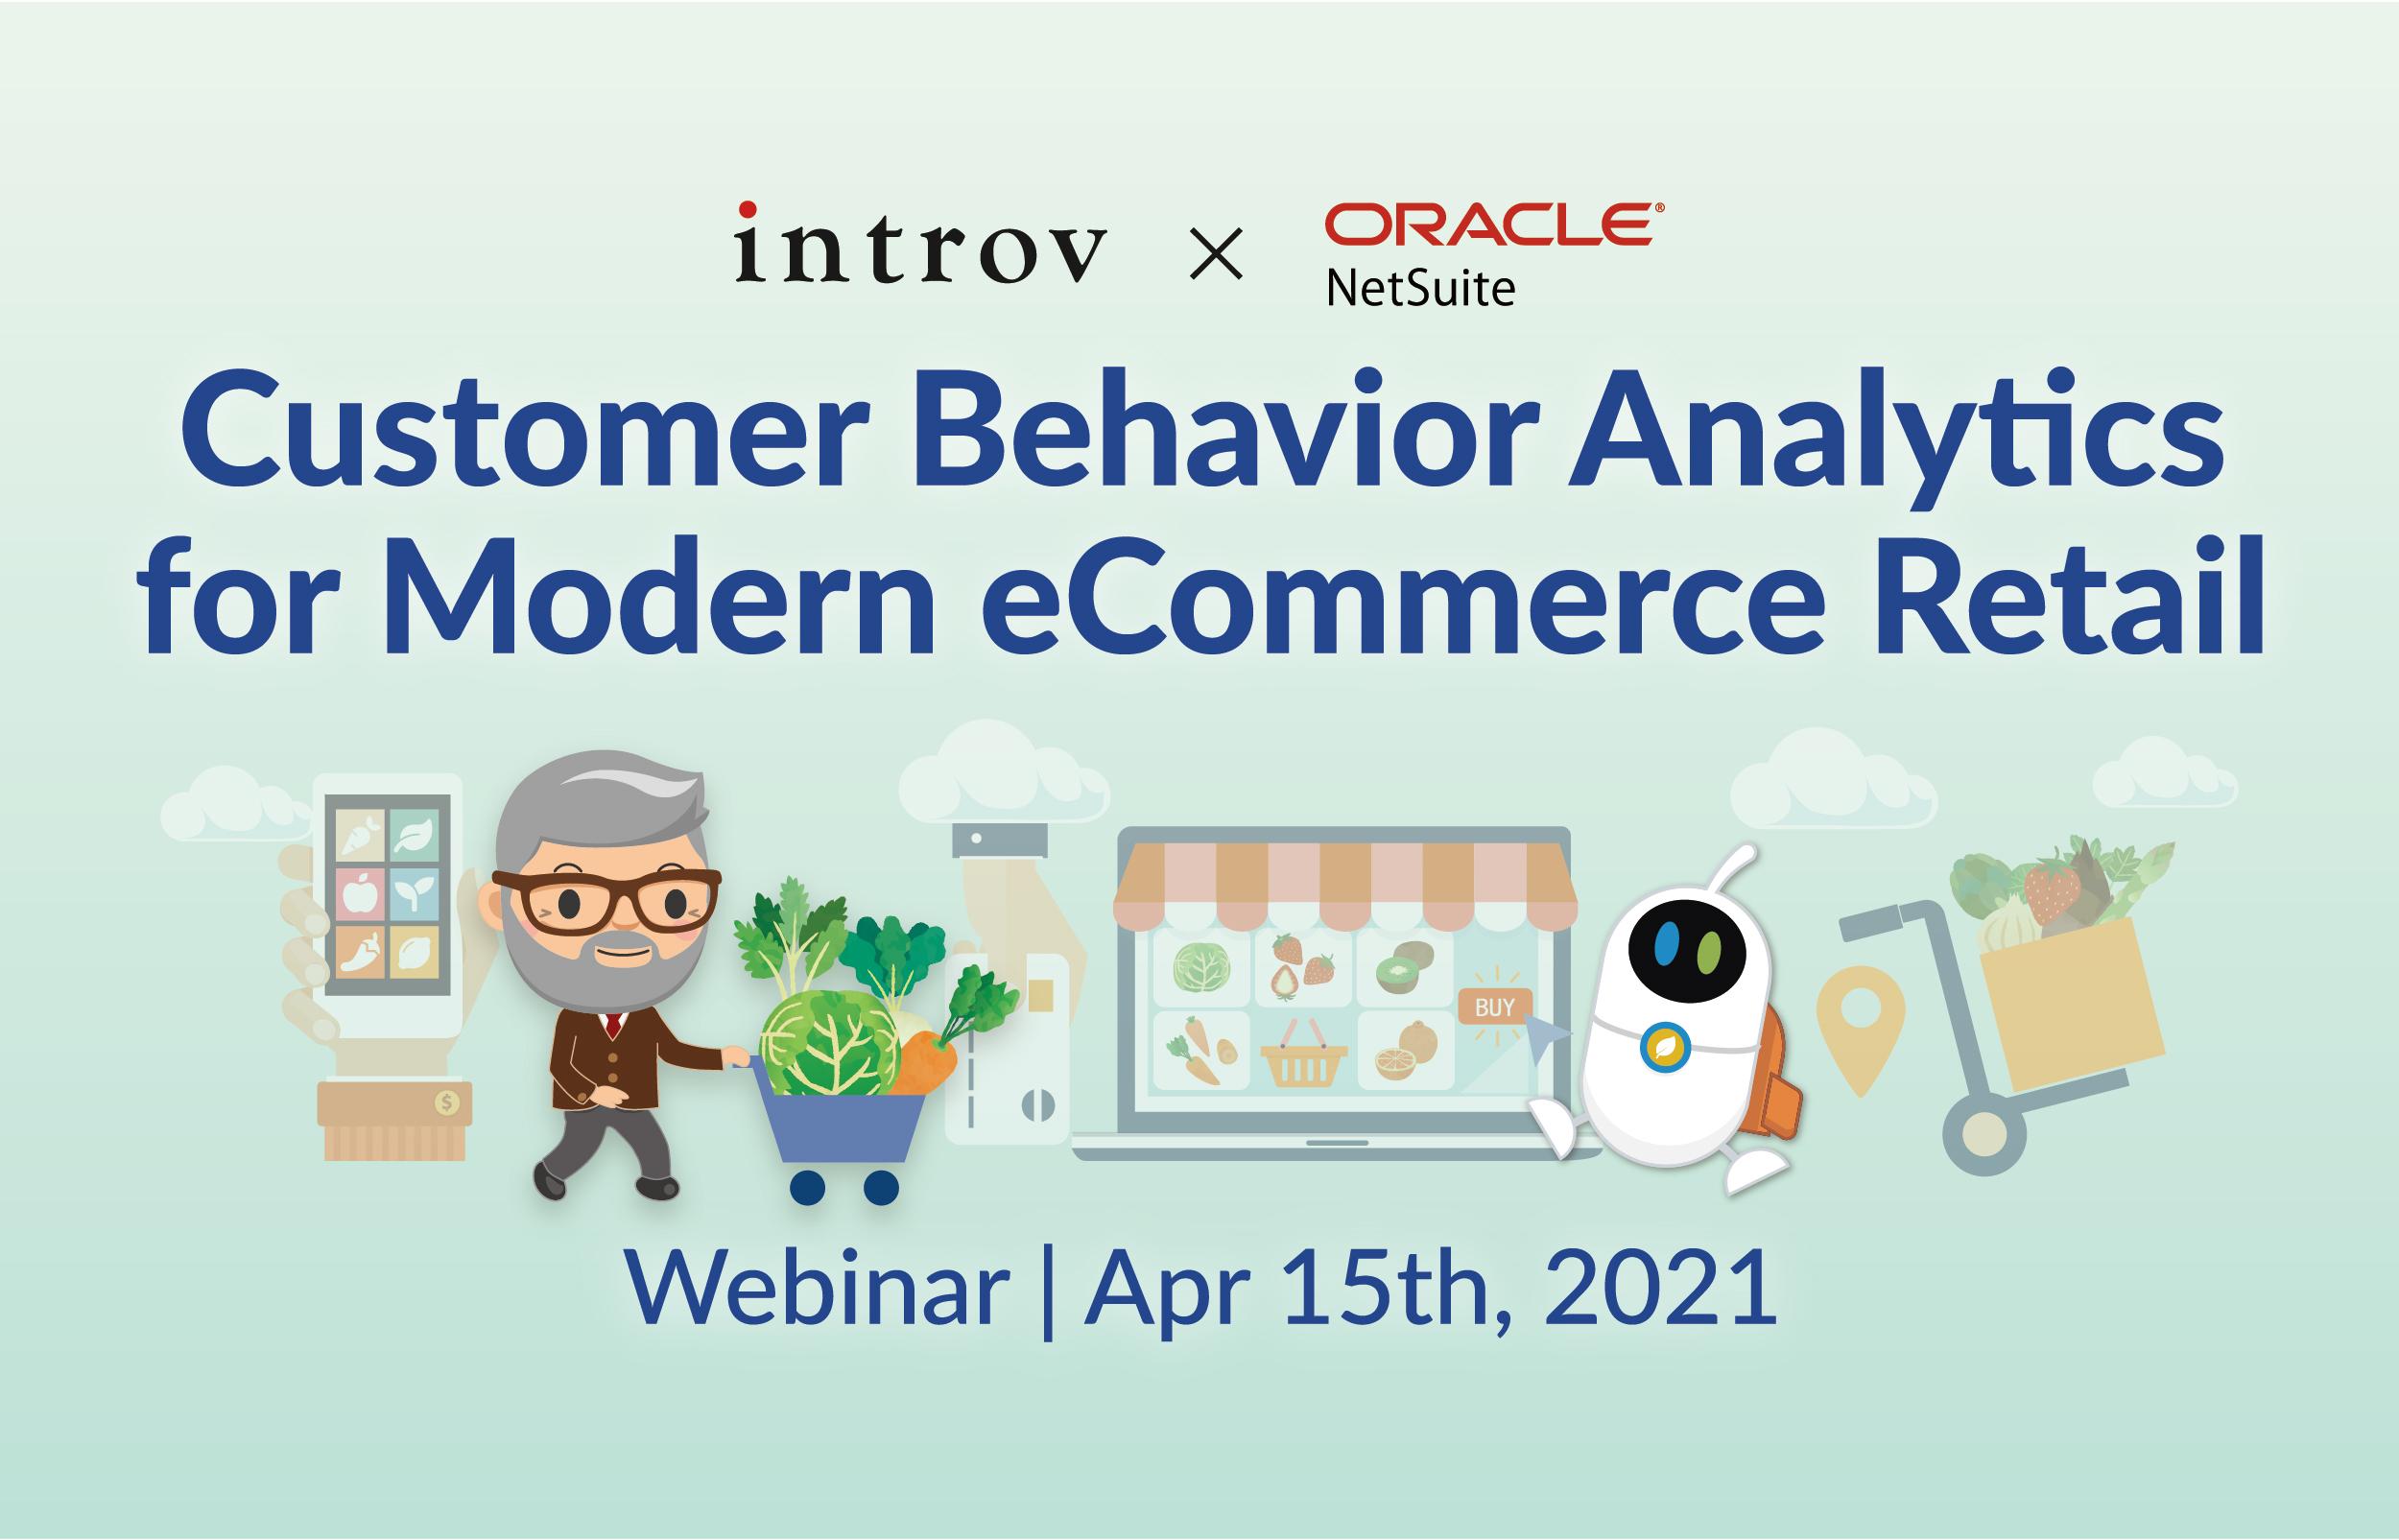 Webinar: Customer Behavior Analytics for Modern eCommerce Retail (April 15th, 2021)